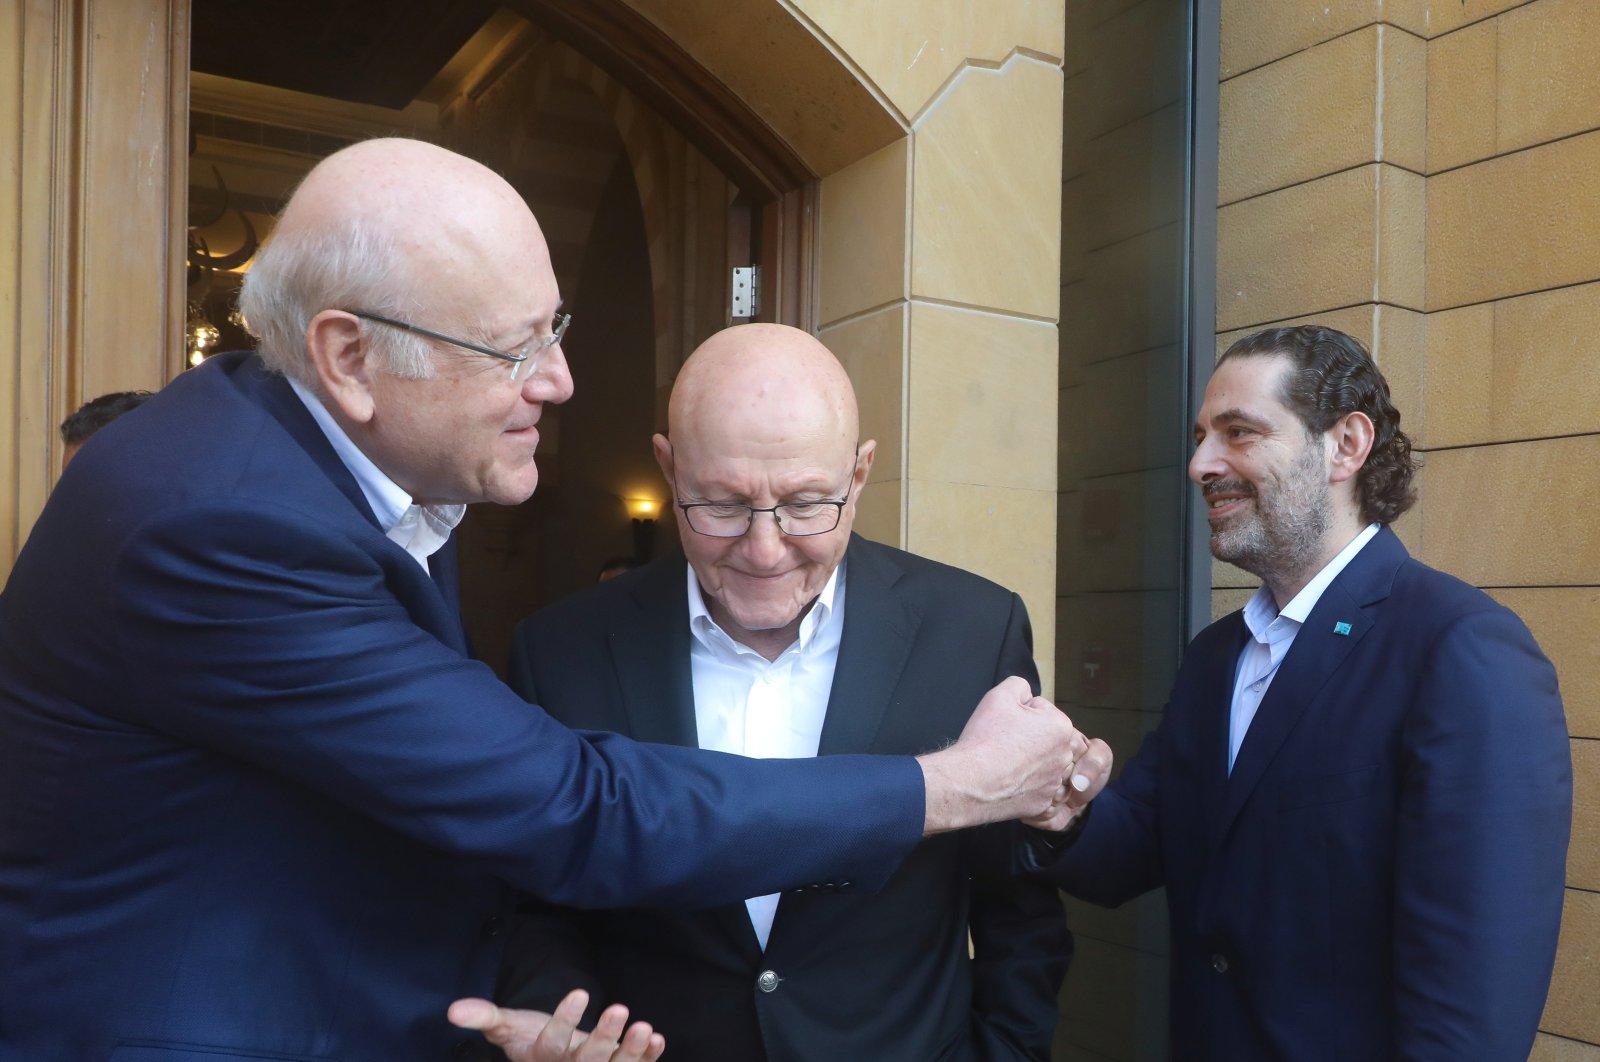 Lebanese former prime ministers, Saad Hariri and Najib Mikati greet each other in Beirut, Lebanon, July 25, 2021. (Reuters Photo)